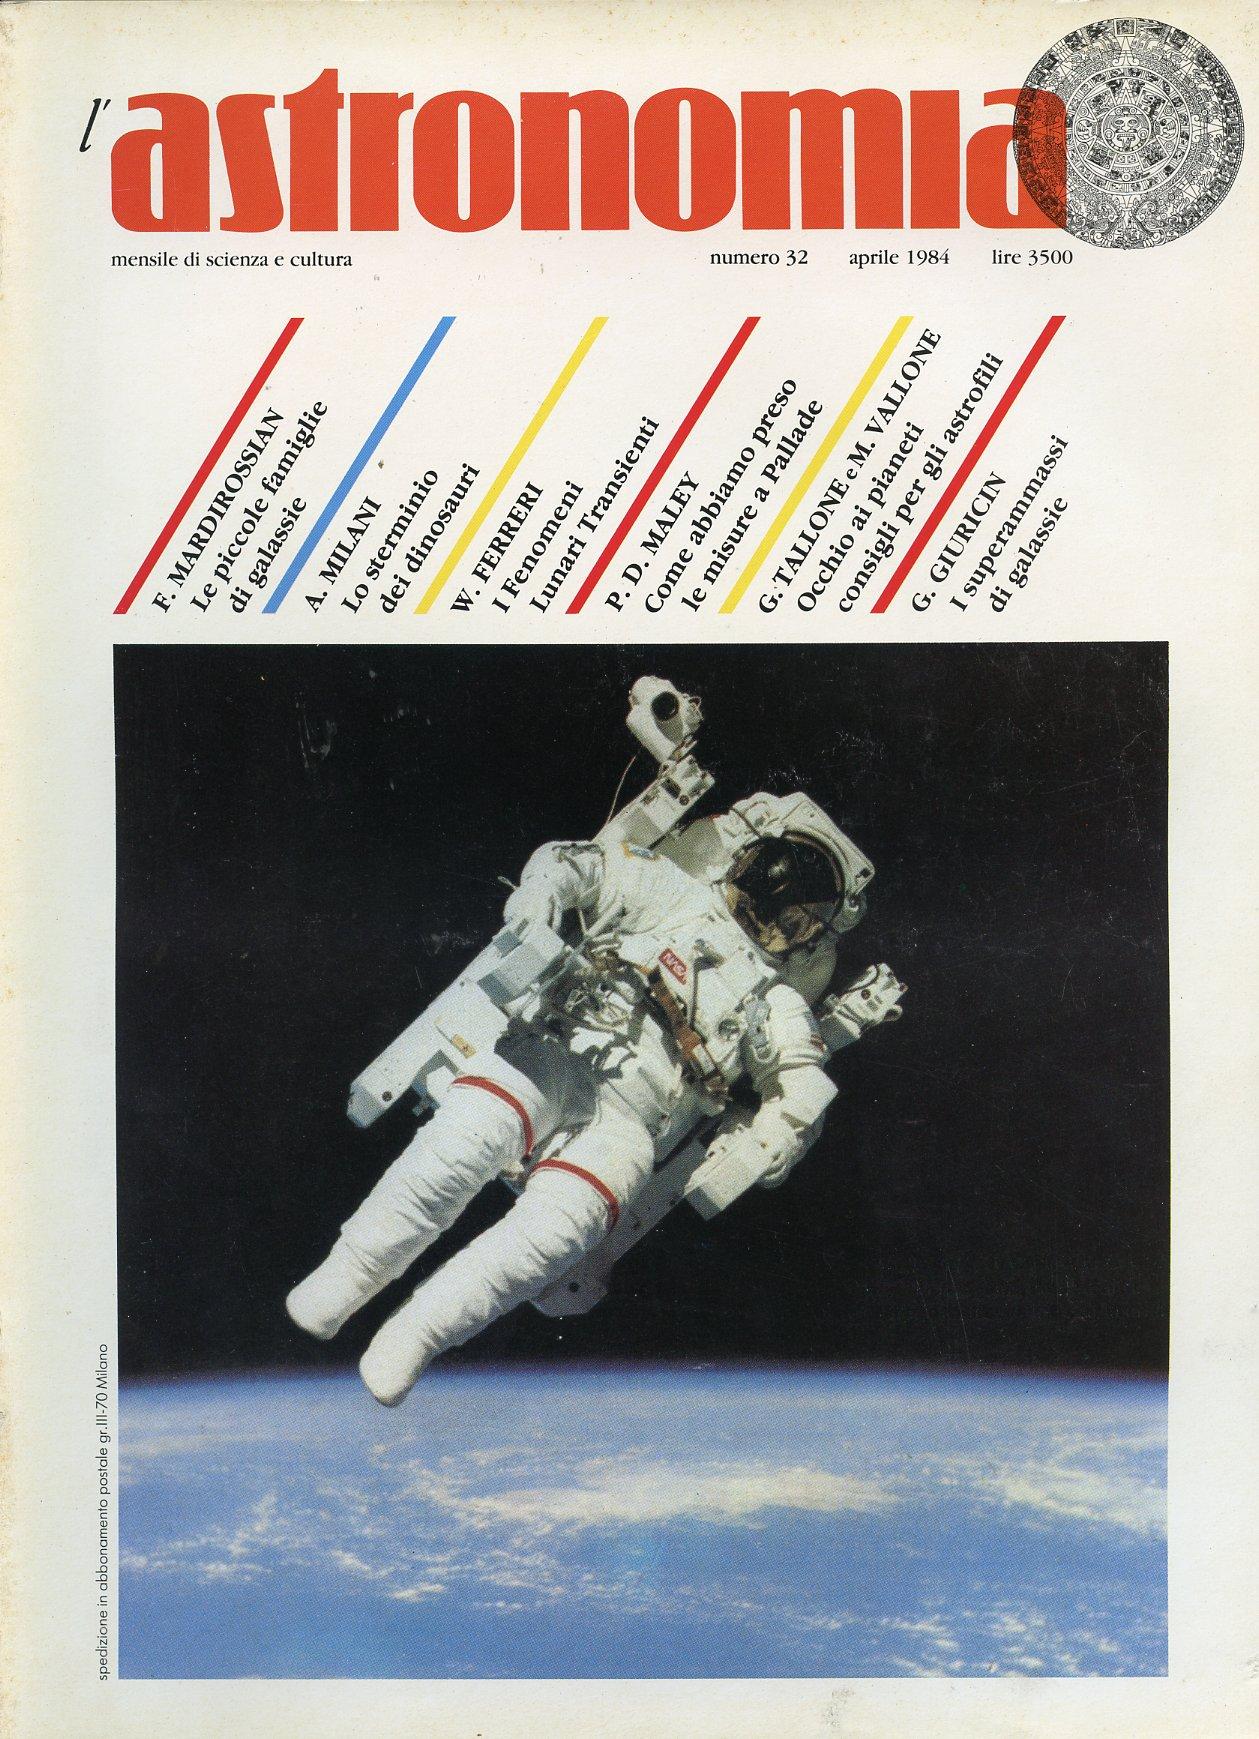 L'Astronomia, Anno VI, n.32